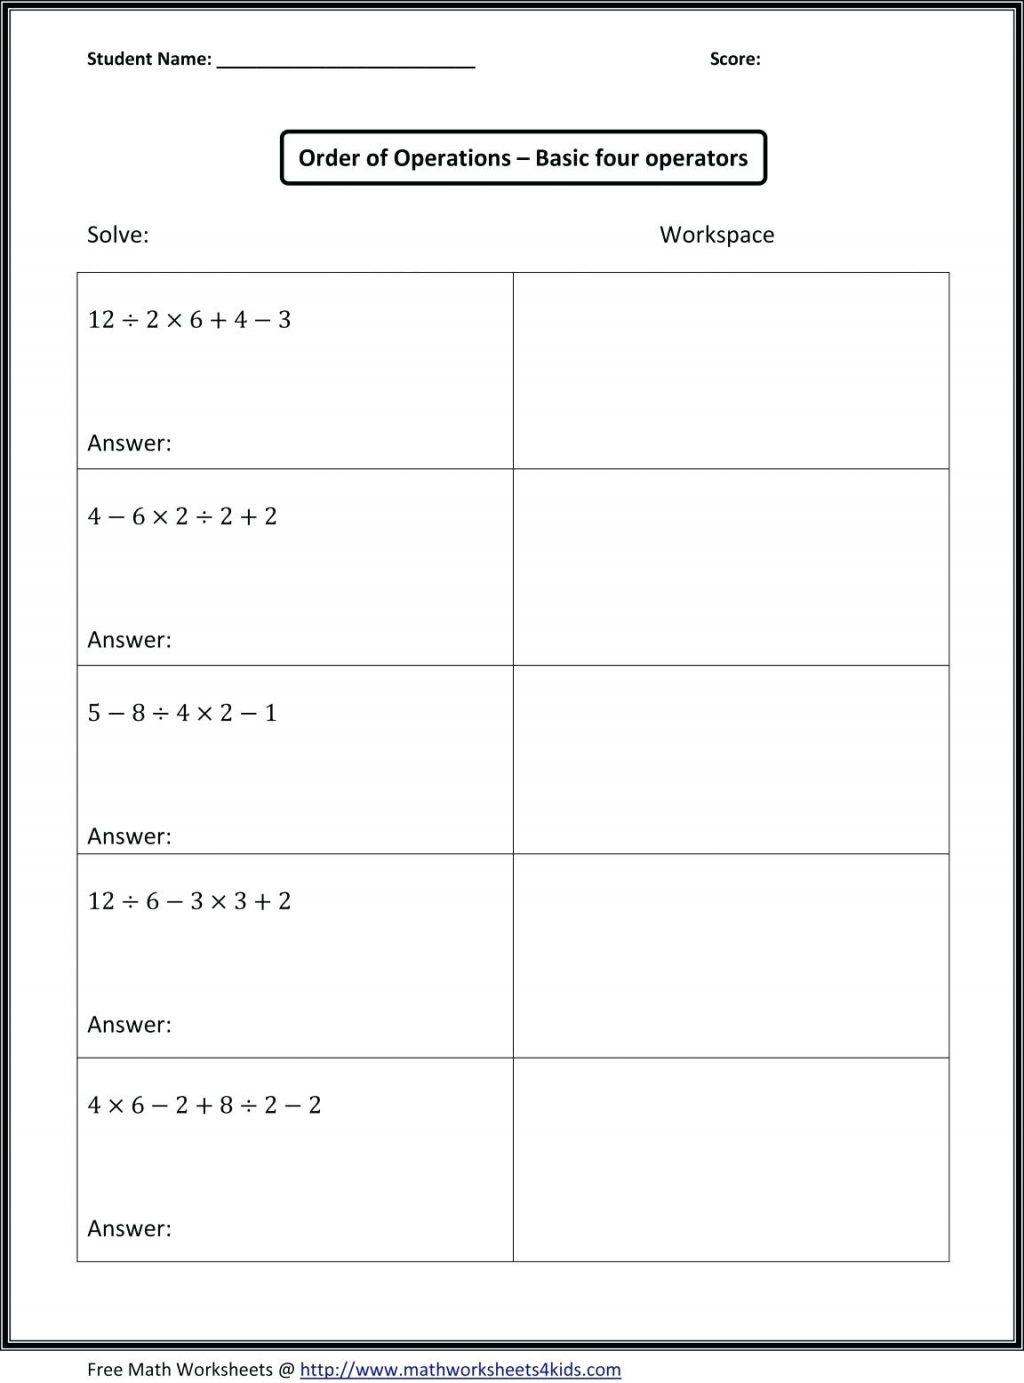 7Th Grade Math Pemdas Worksheets Rule Order Of Operations Tiktokcook | Printable Pemdas Worksheets